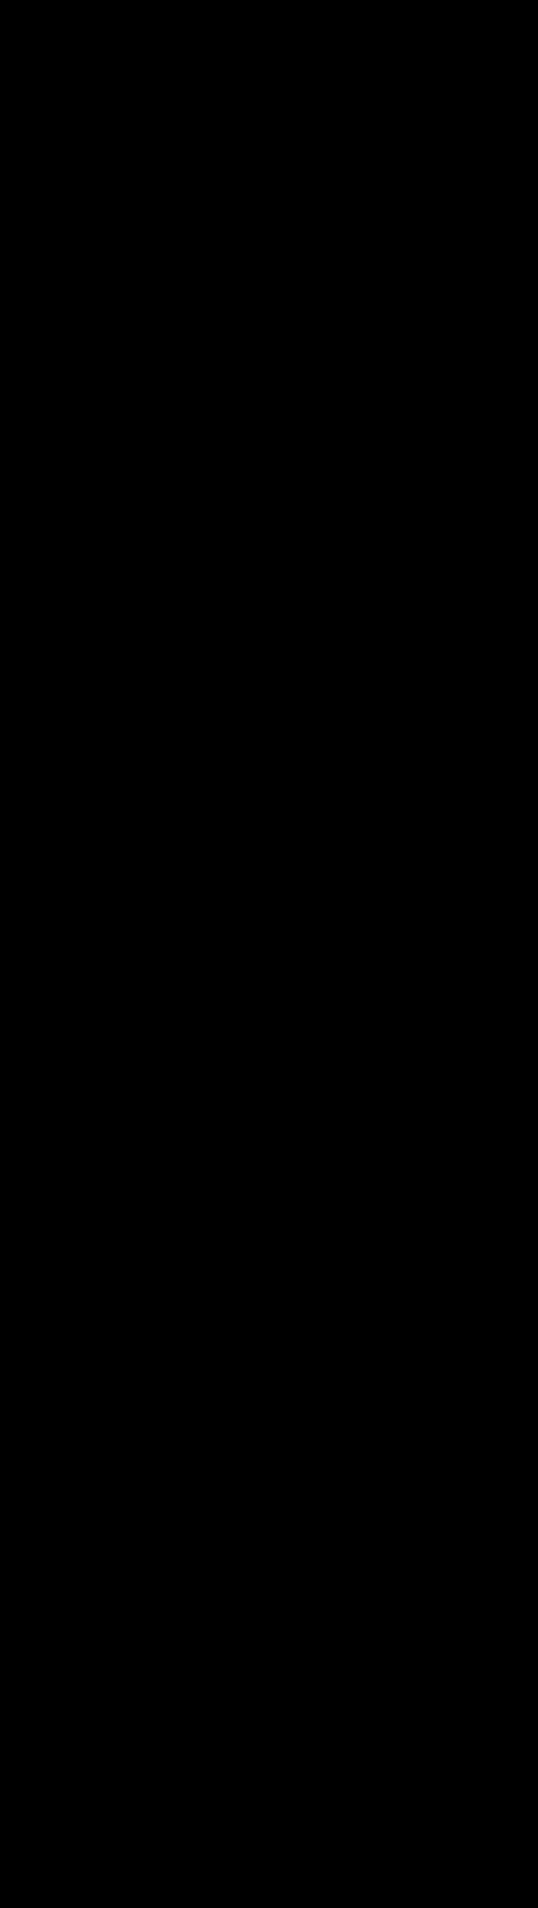 DMX Reaper Skull by JMK-Prime